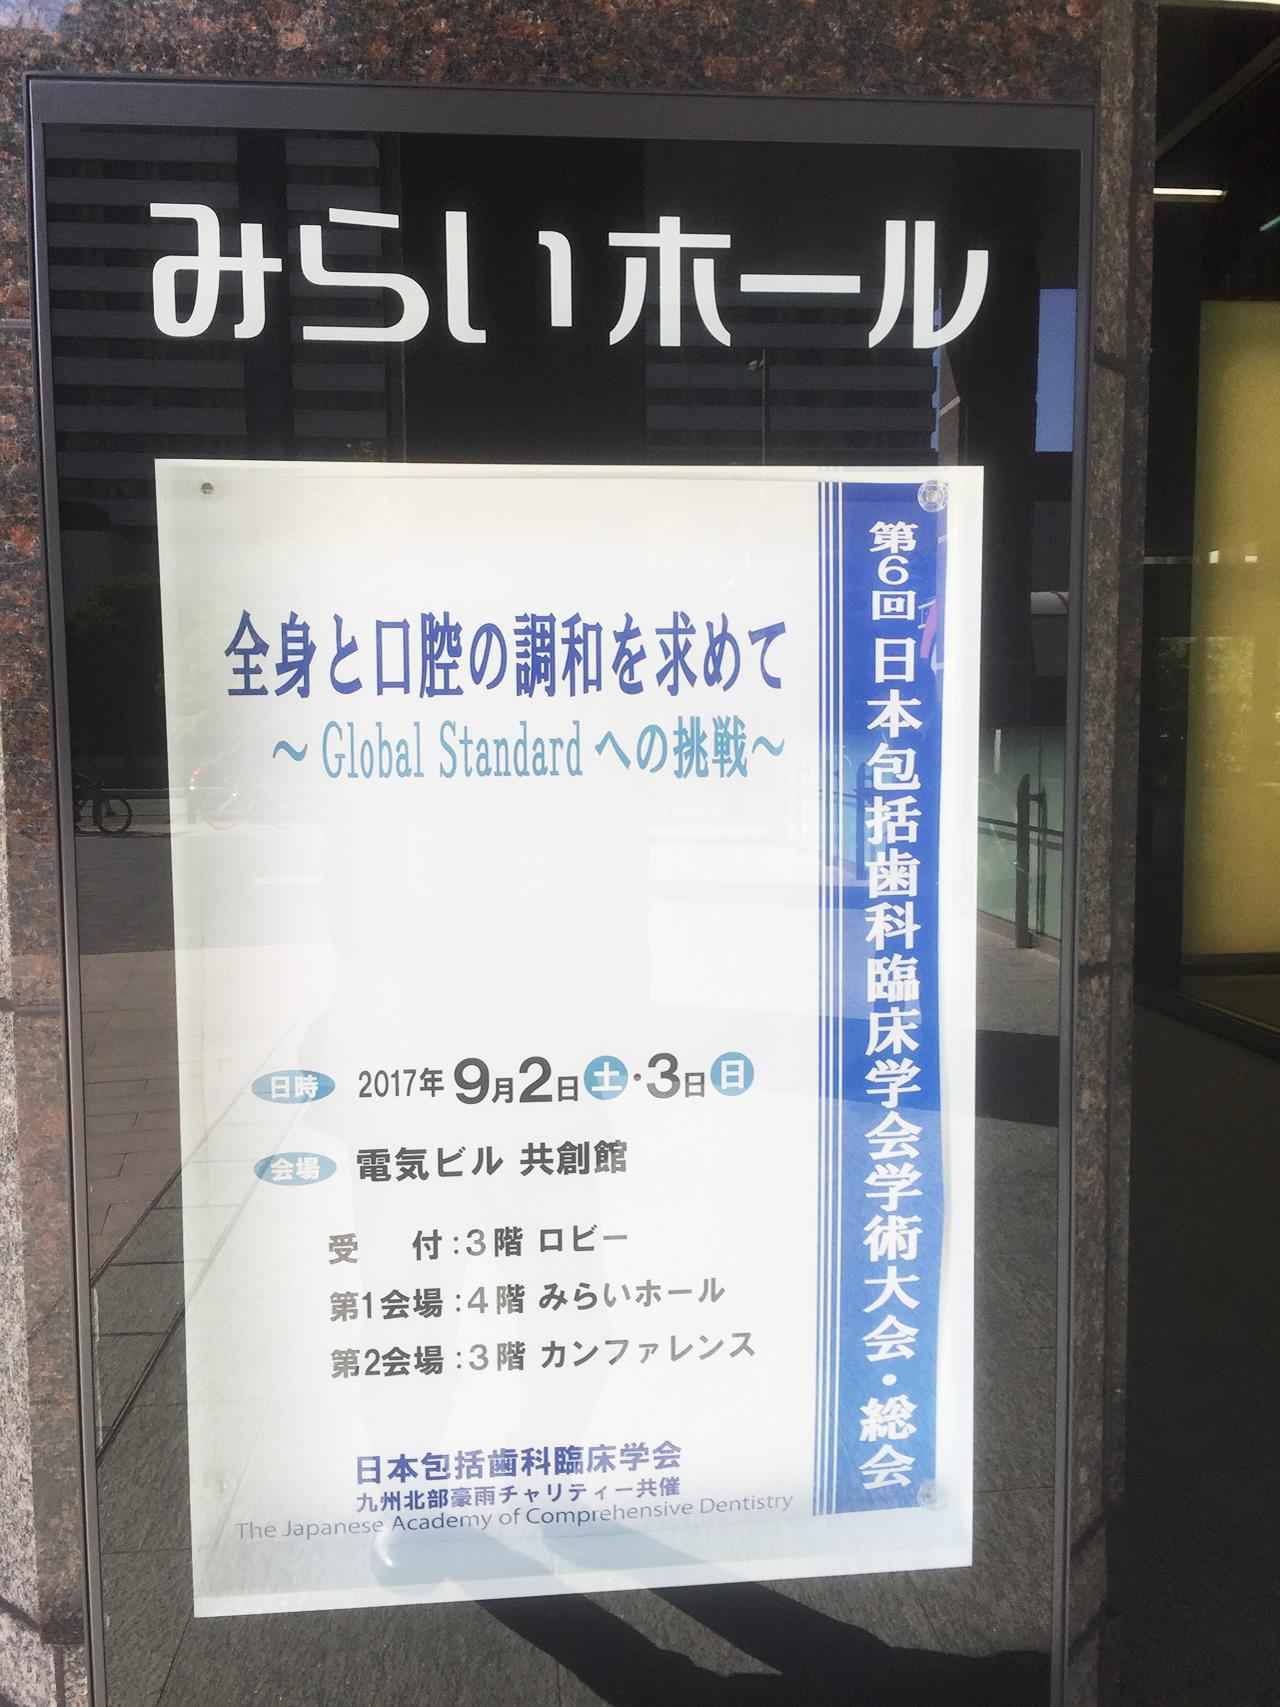 第6回 日本包括歯科臨床学会